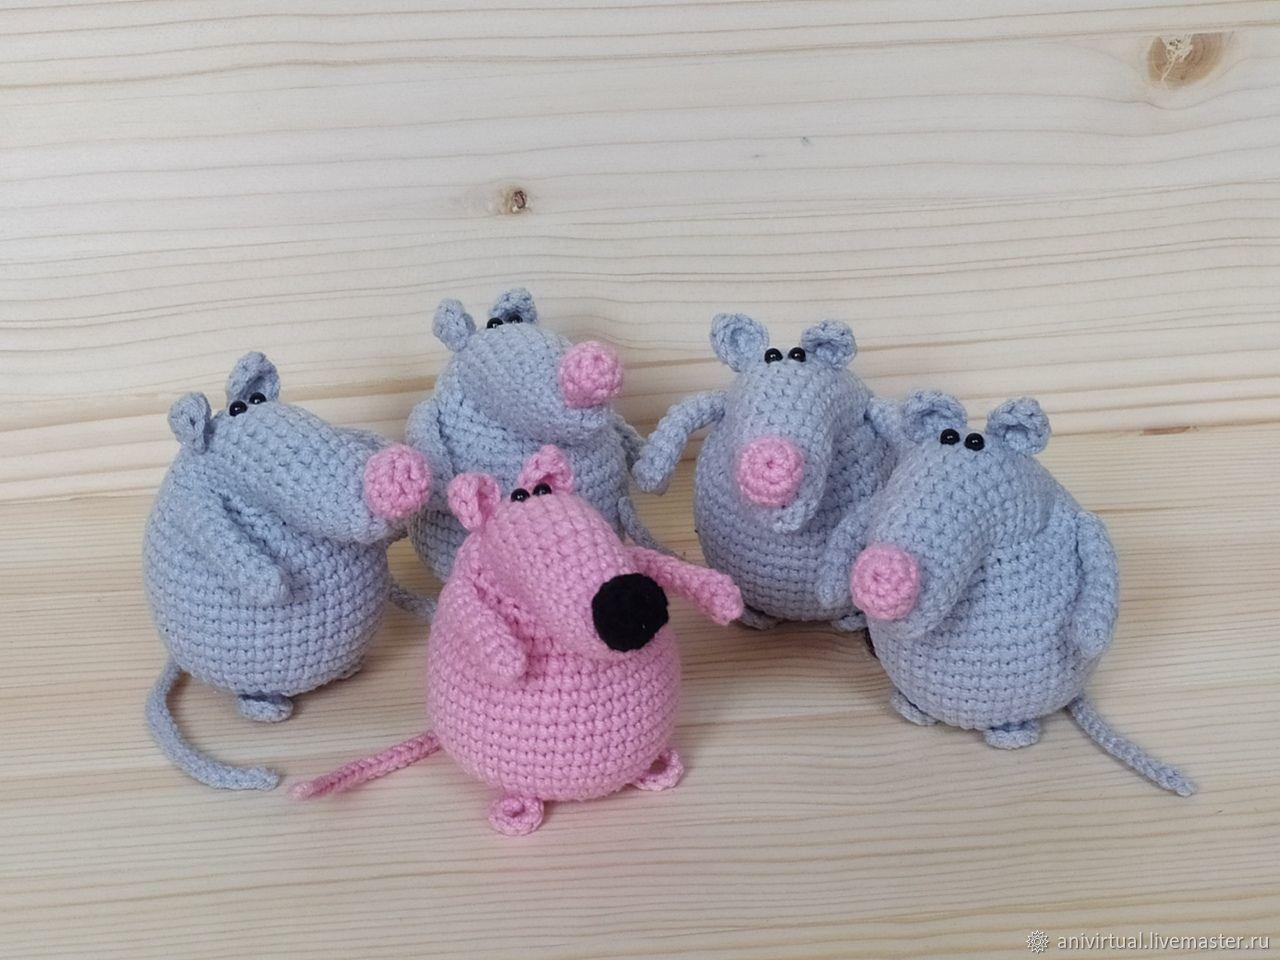 Крыса хозяйственная, Мягкие игрушки, Челябинск,  Фото №1